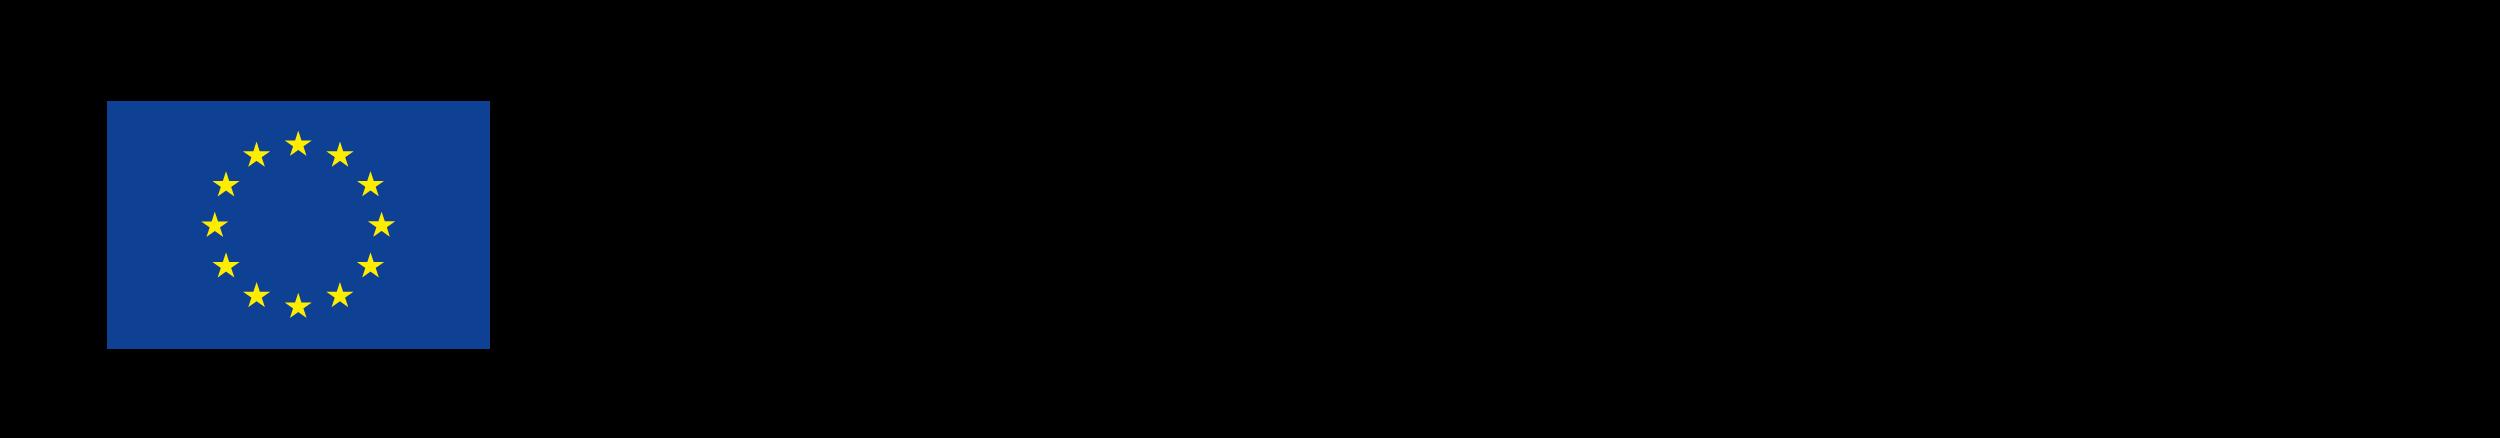 b78e7df1-3146-4a61-a934-7c1481d7ec81